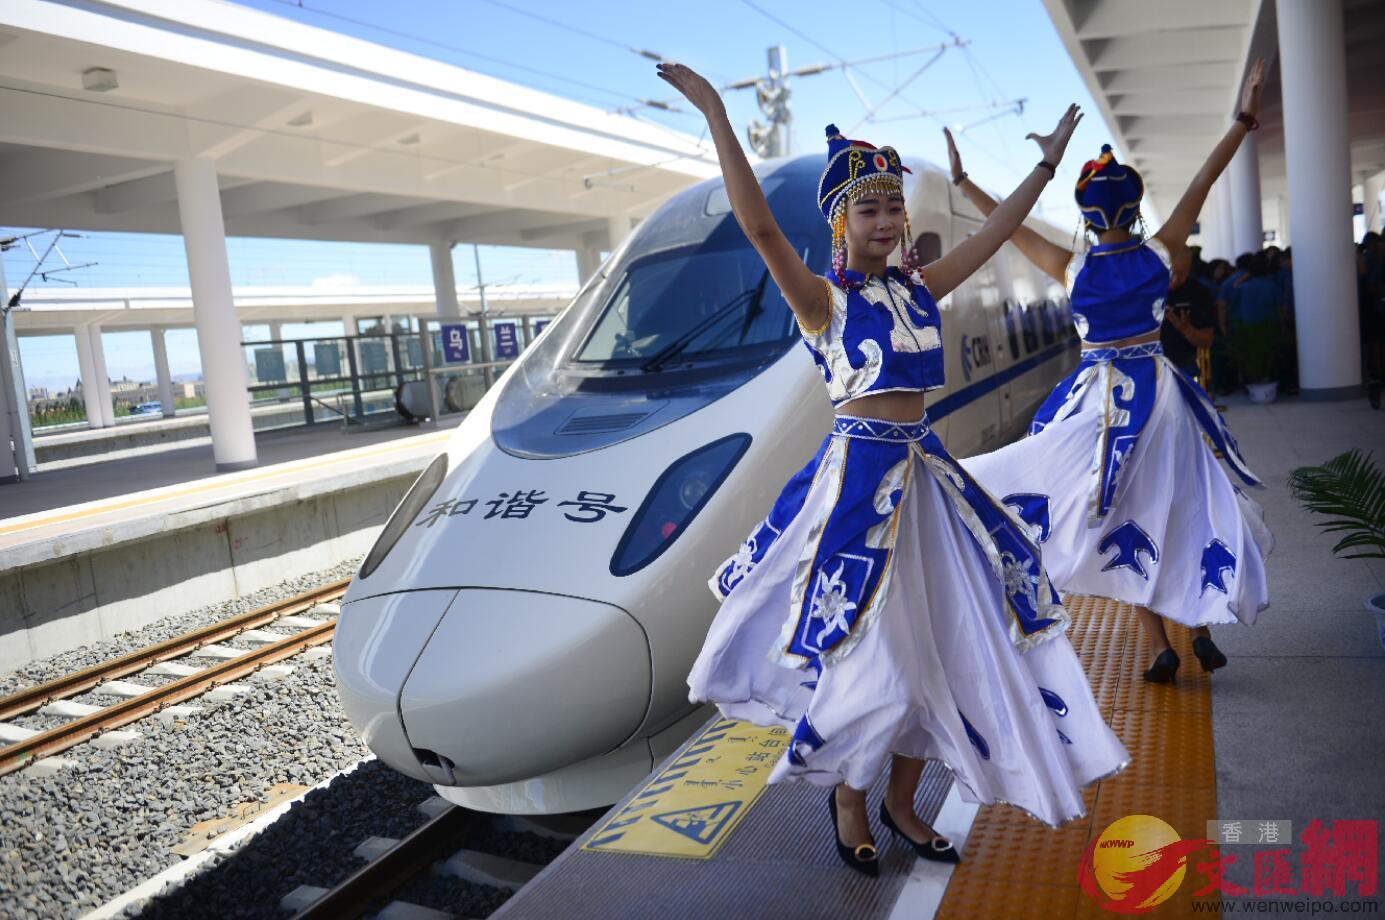 2017年8月3日,內蒙古首開高鐵,蒙古族姑娘在站台起舞。